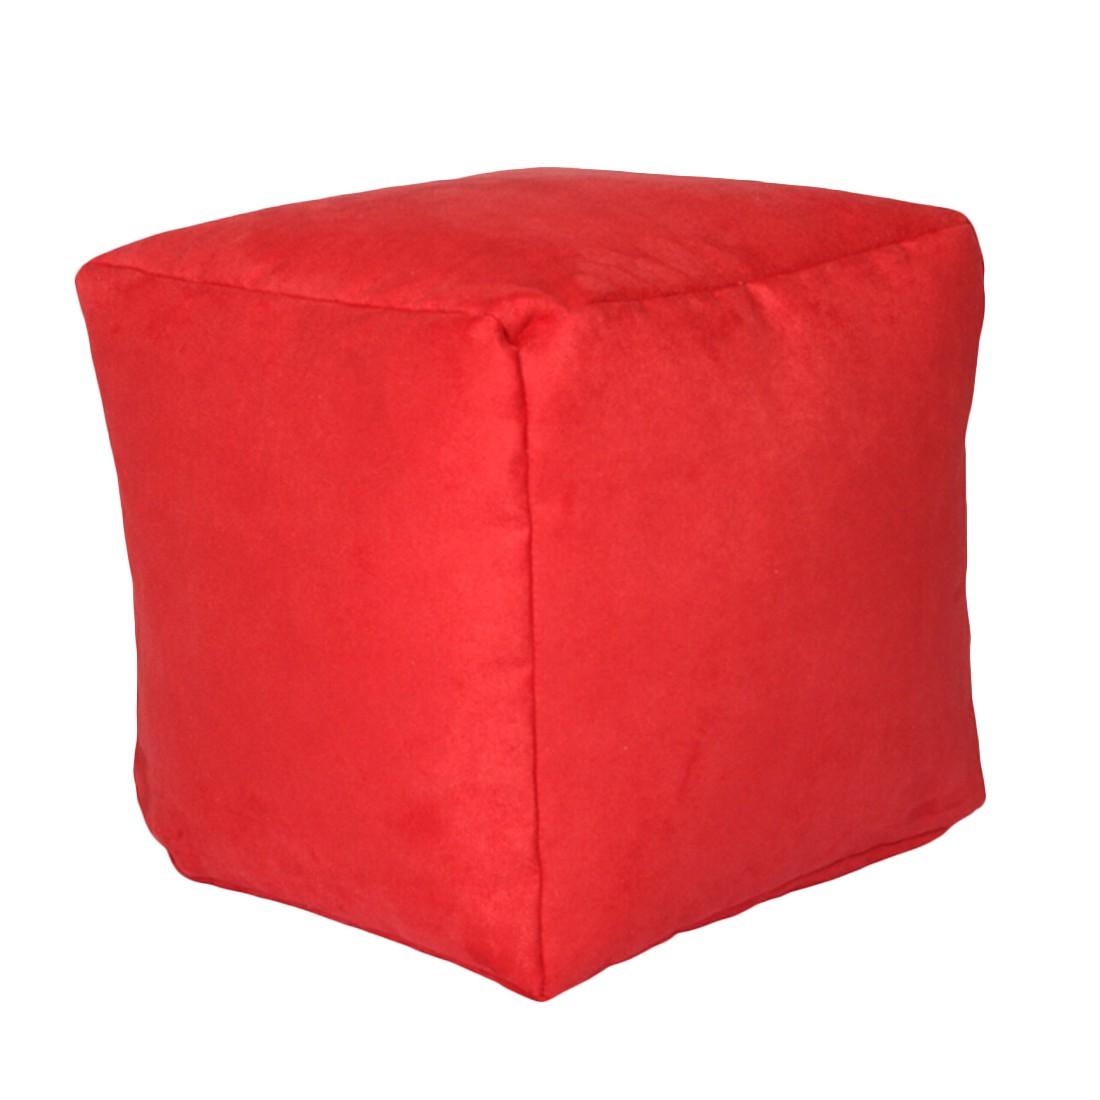 Sitzwürfel Alka rot klein – 30 x 30 cm, KC-Handel günstig online kaufen